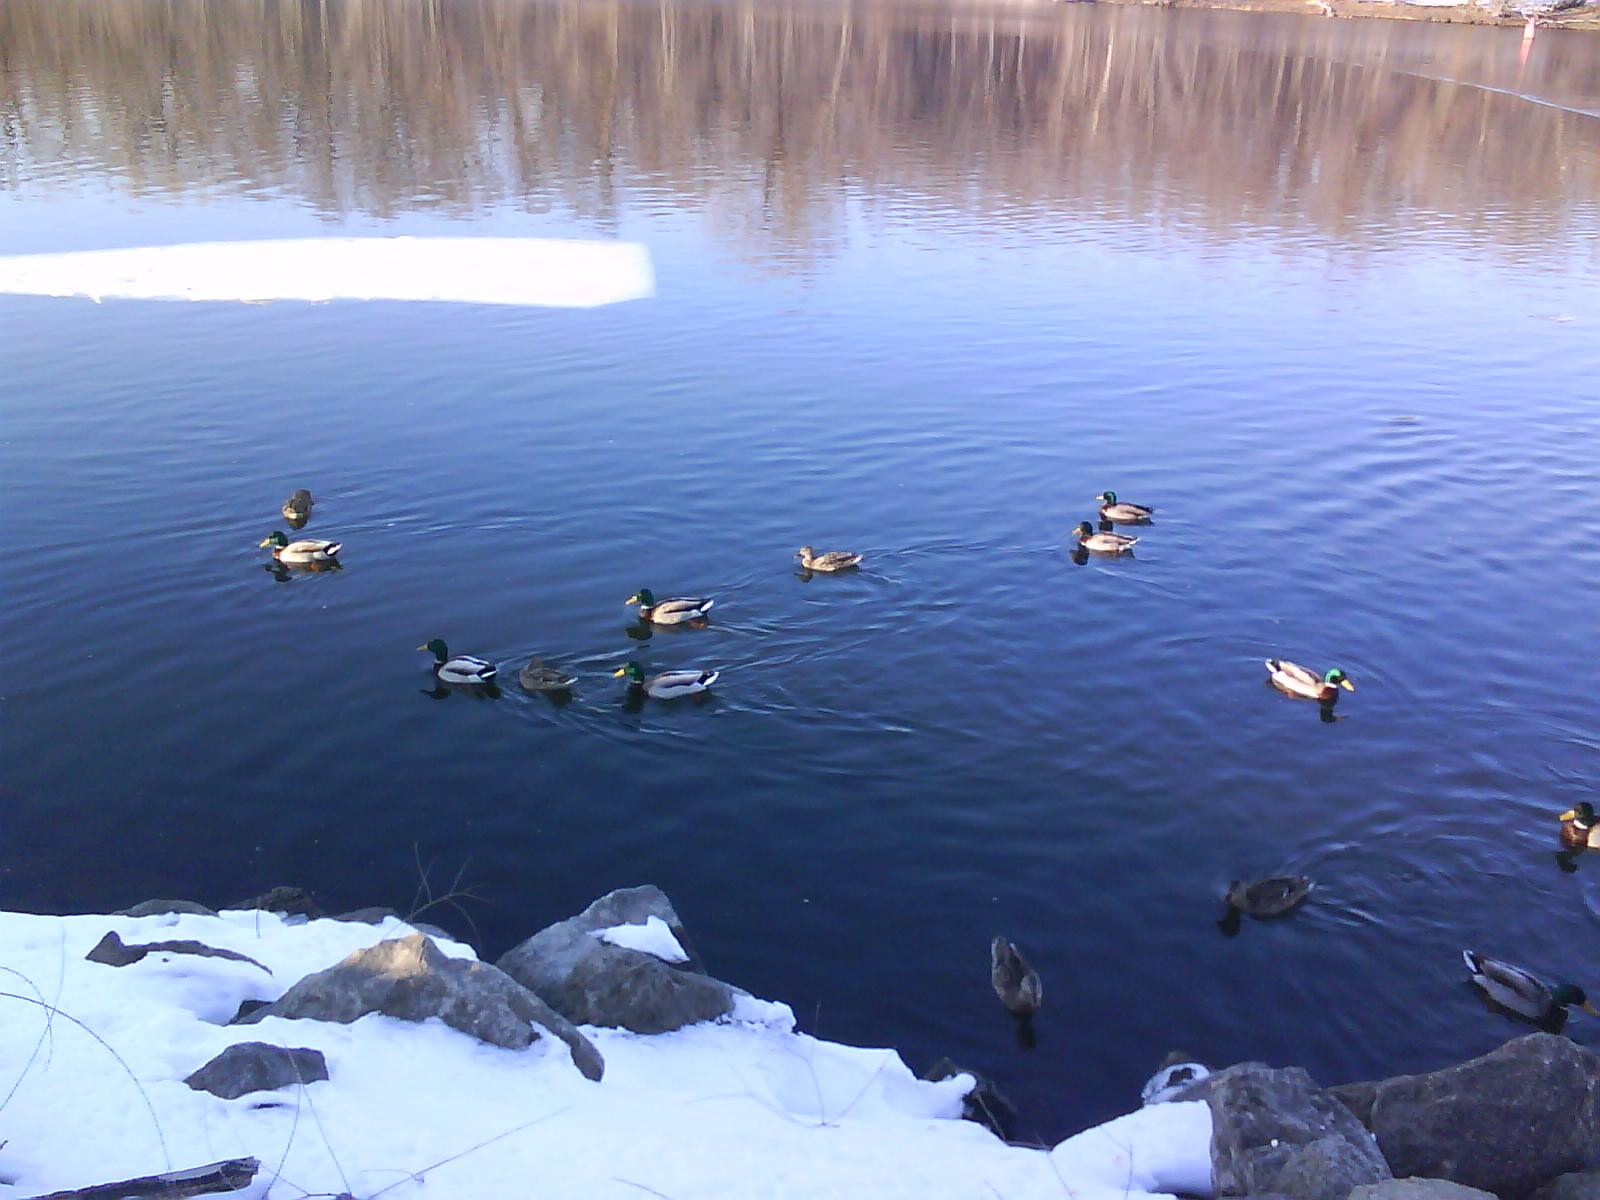 [duckies4]